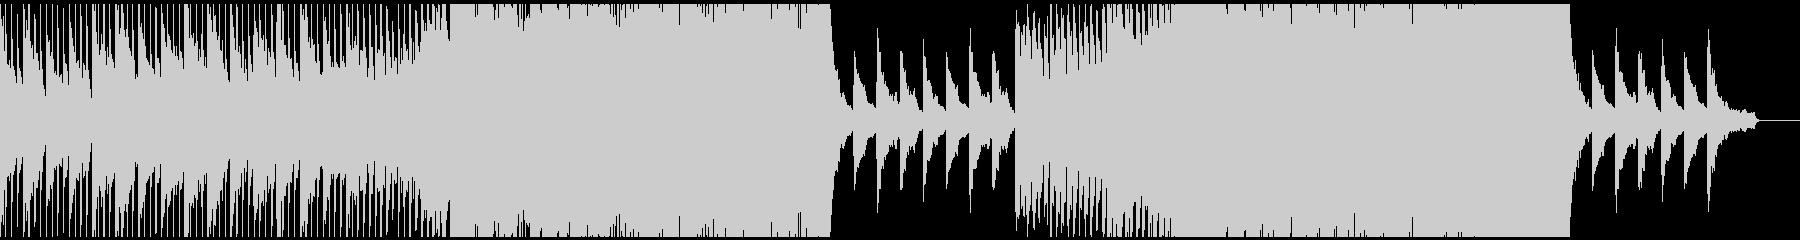 ドラマティックで壮大なBGMの未再生の波形